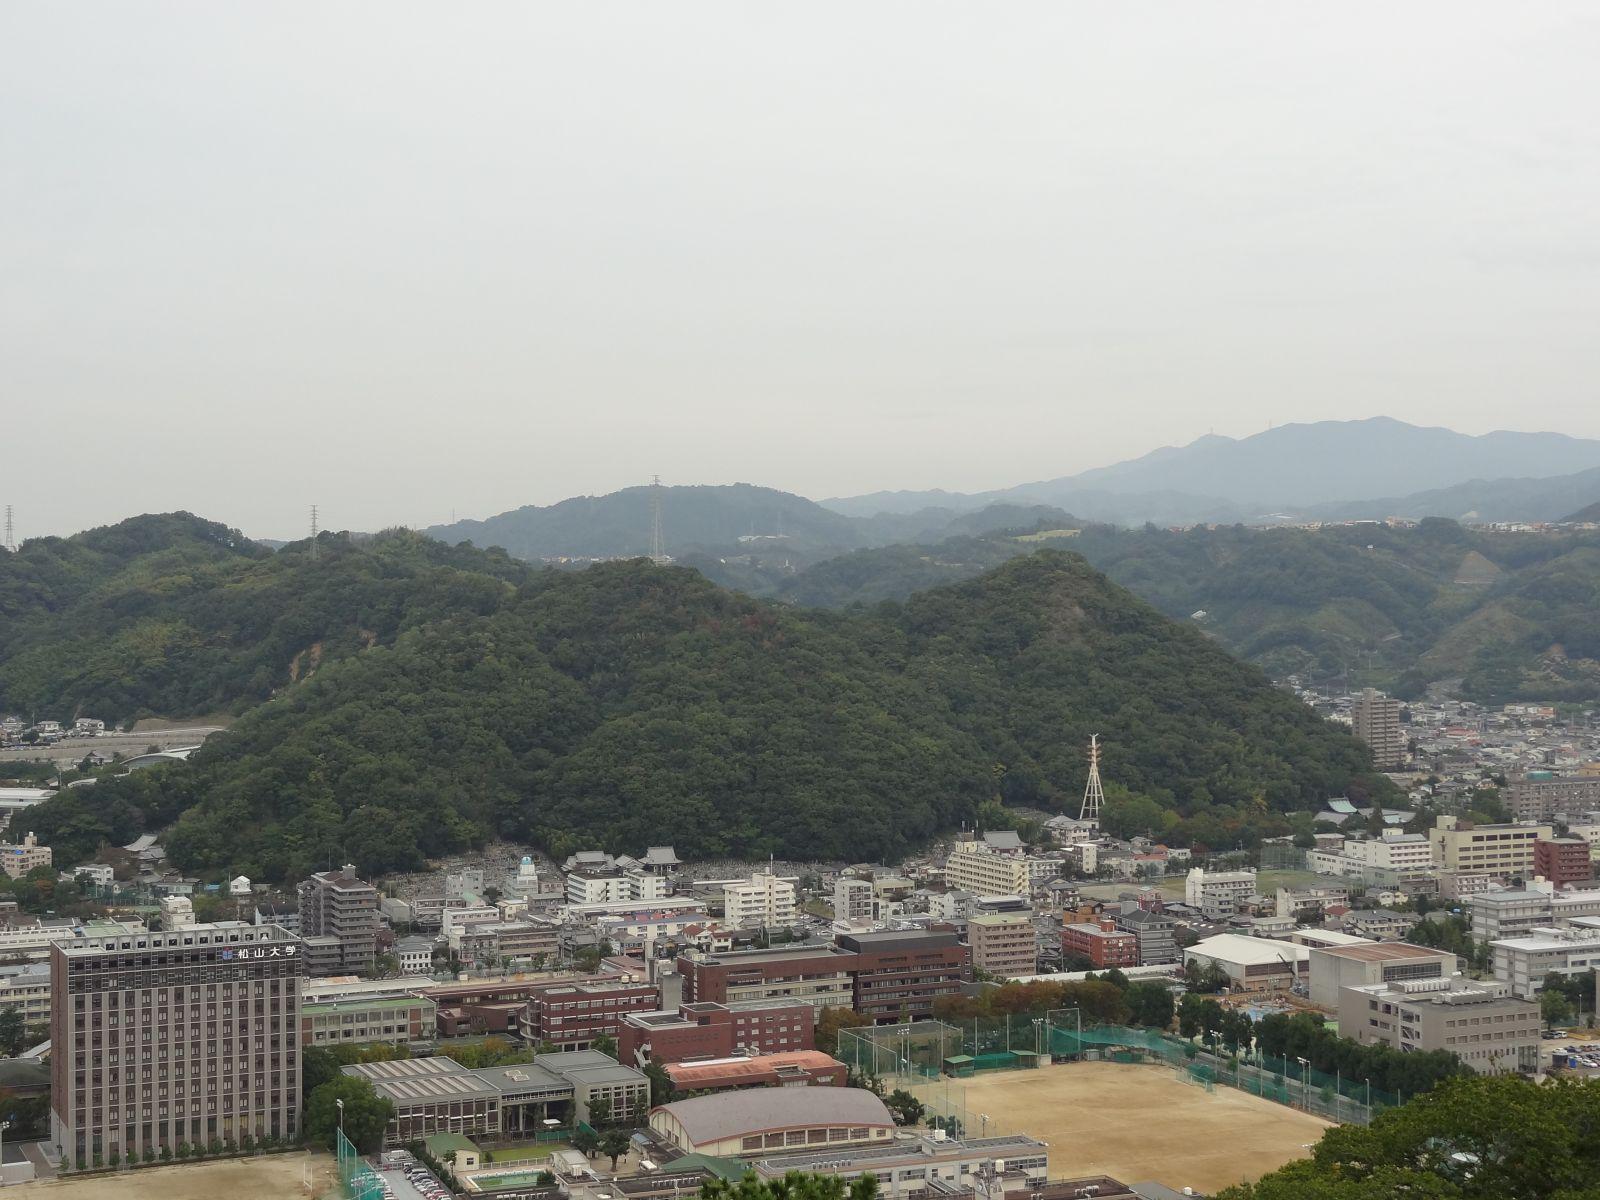 秋の松山城(天守閣三階より北方向の眺望)の写真です。クリックすると拡大します。